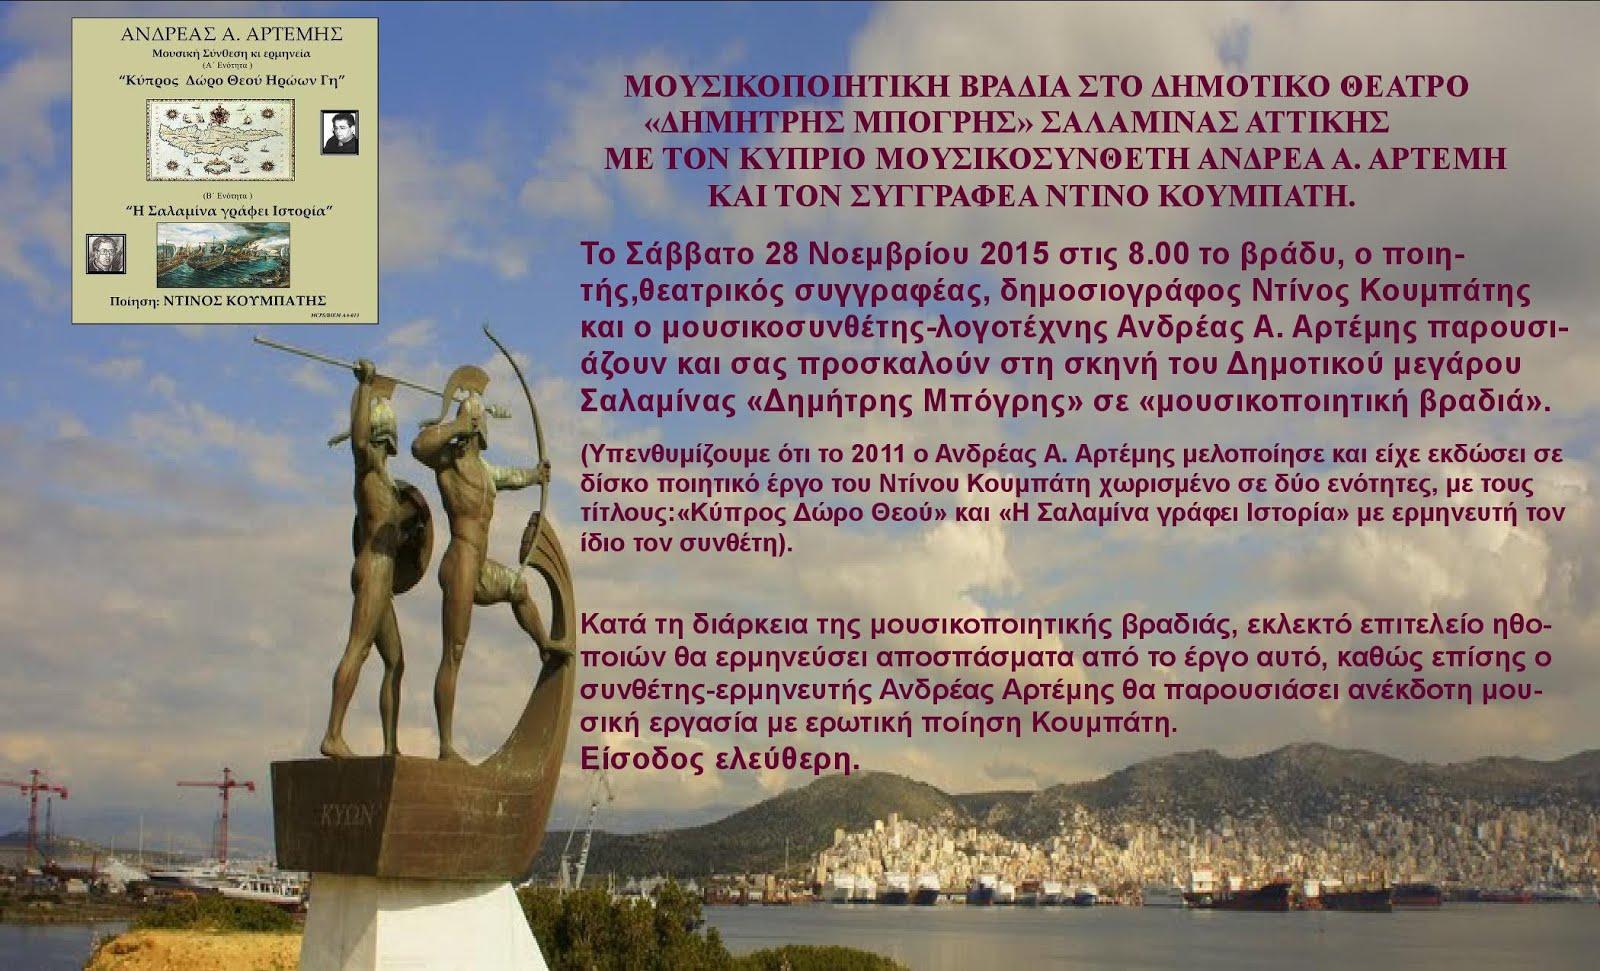 Σαλαμίνα Αττικής 28 Νοεμβρίου 2015